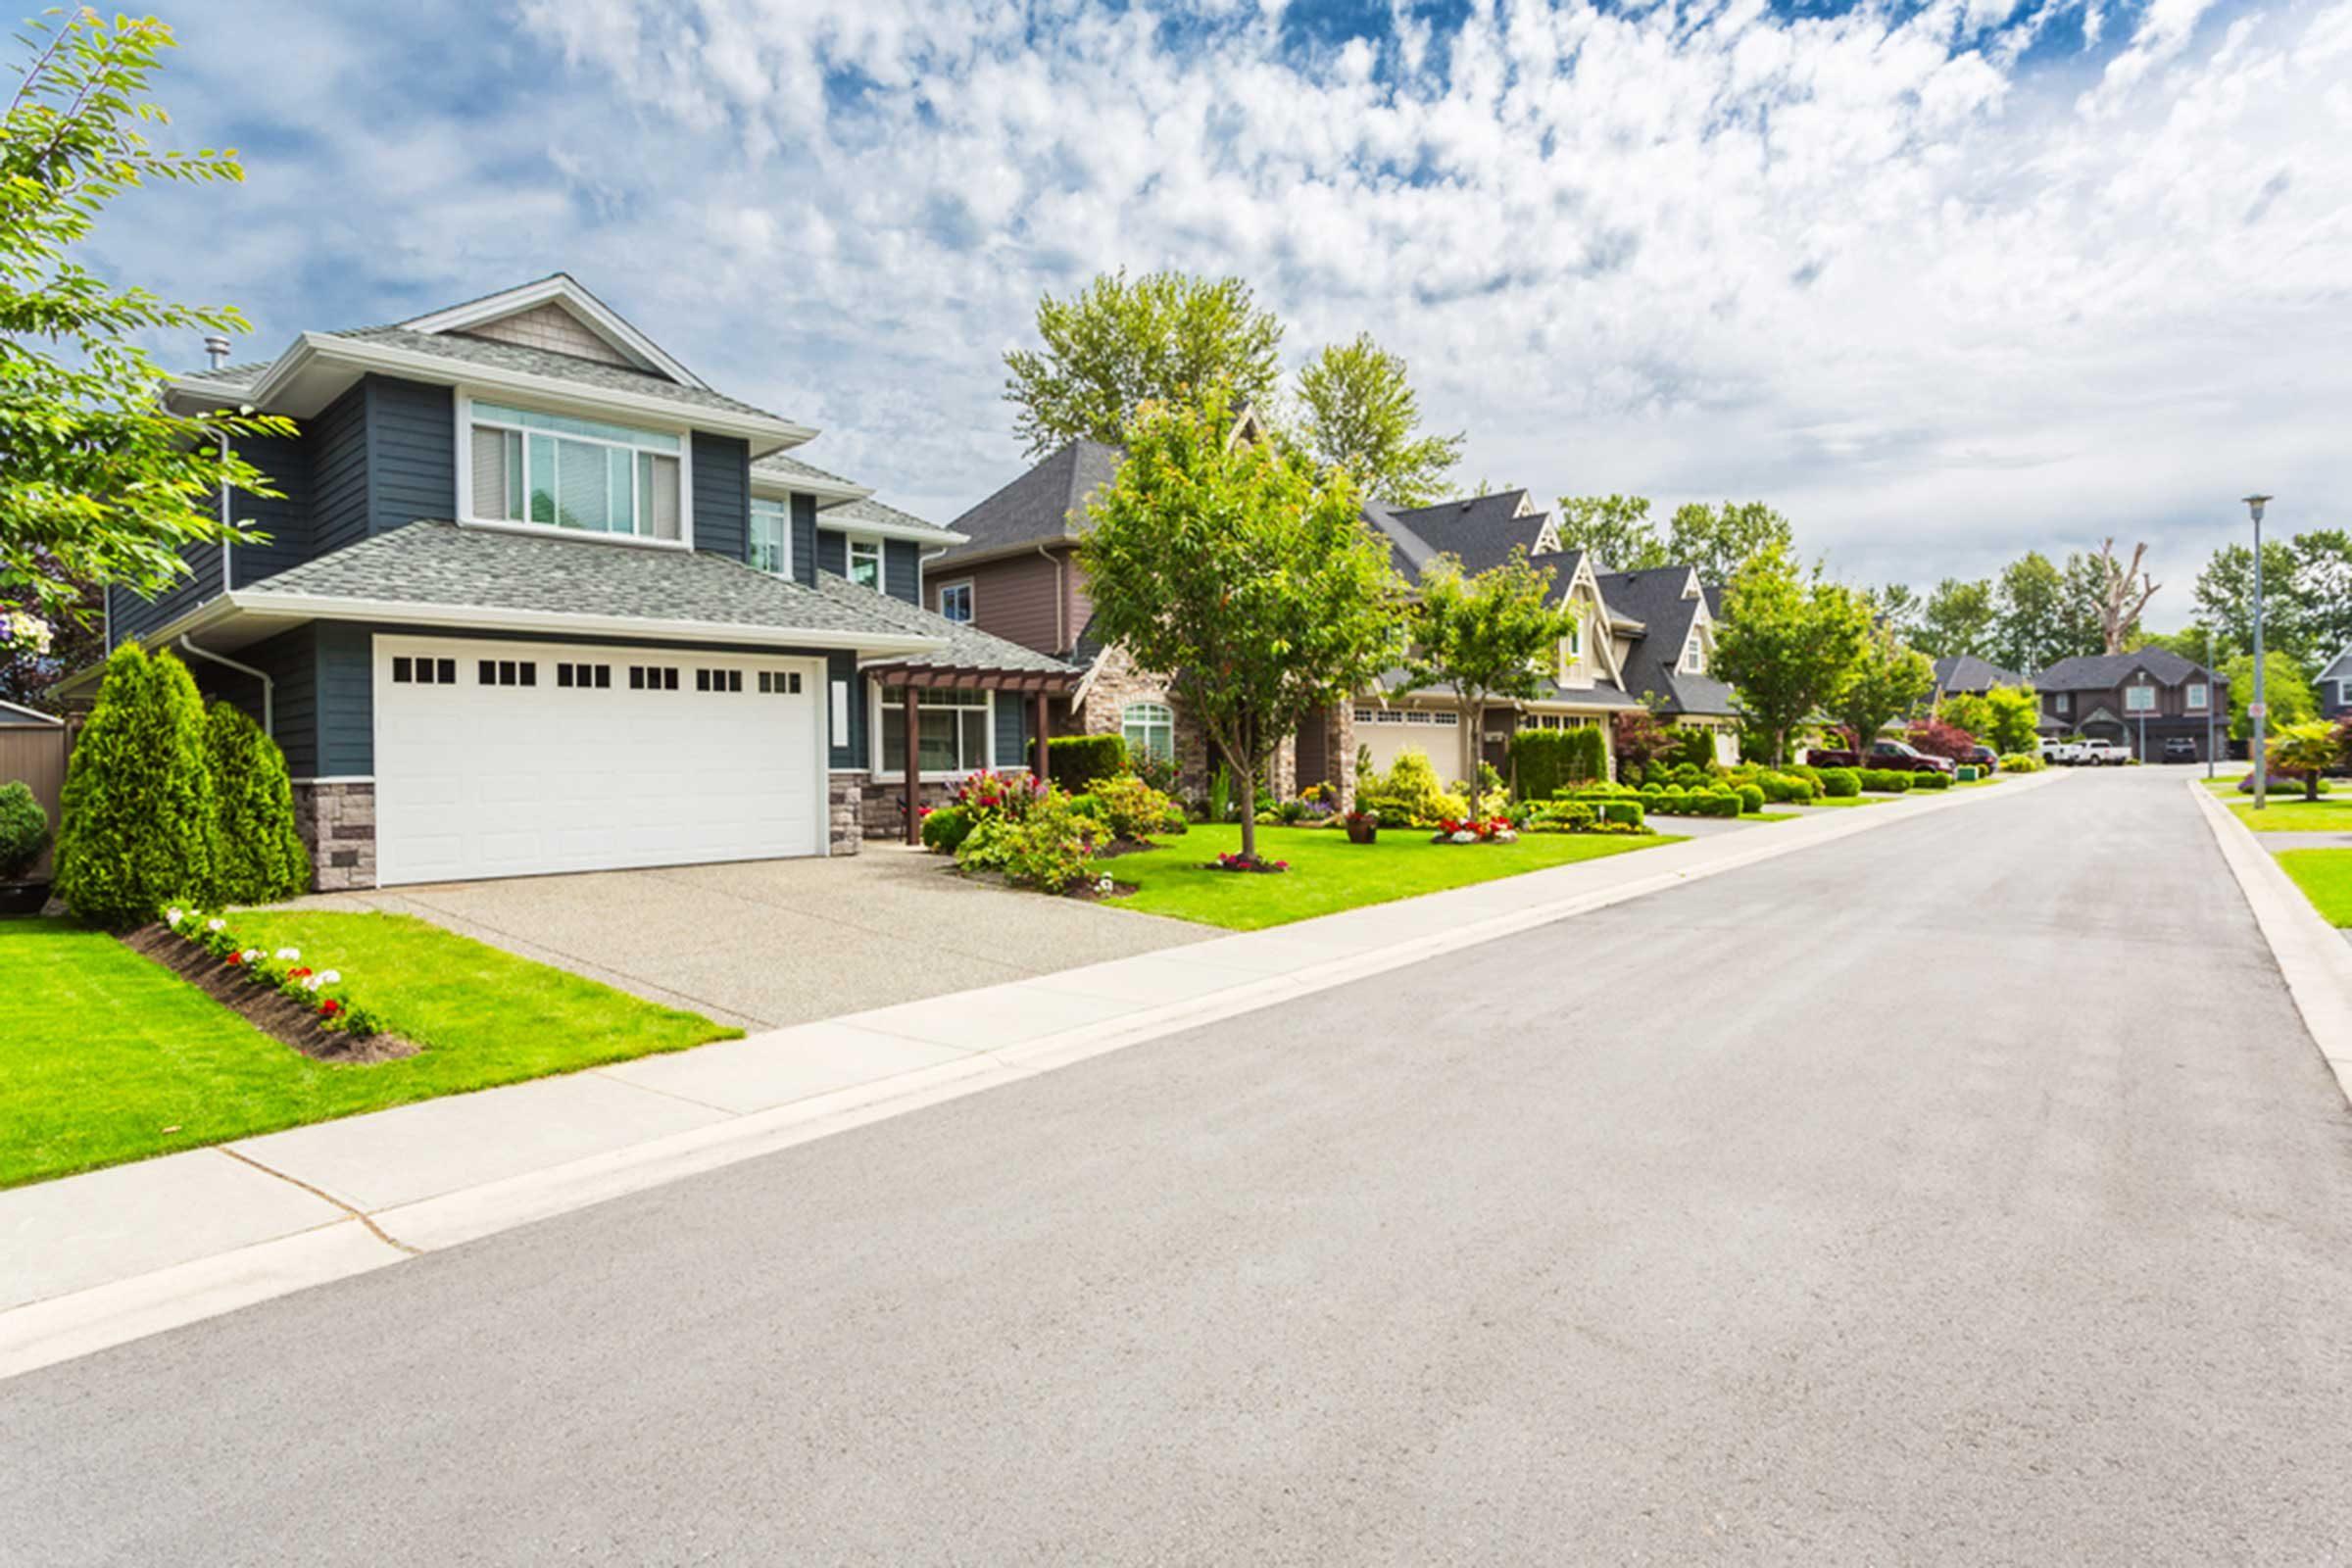 Votre courtier immobilier ne peut tout vous révéler d'une maison ou du quartier